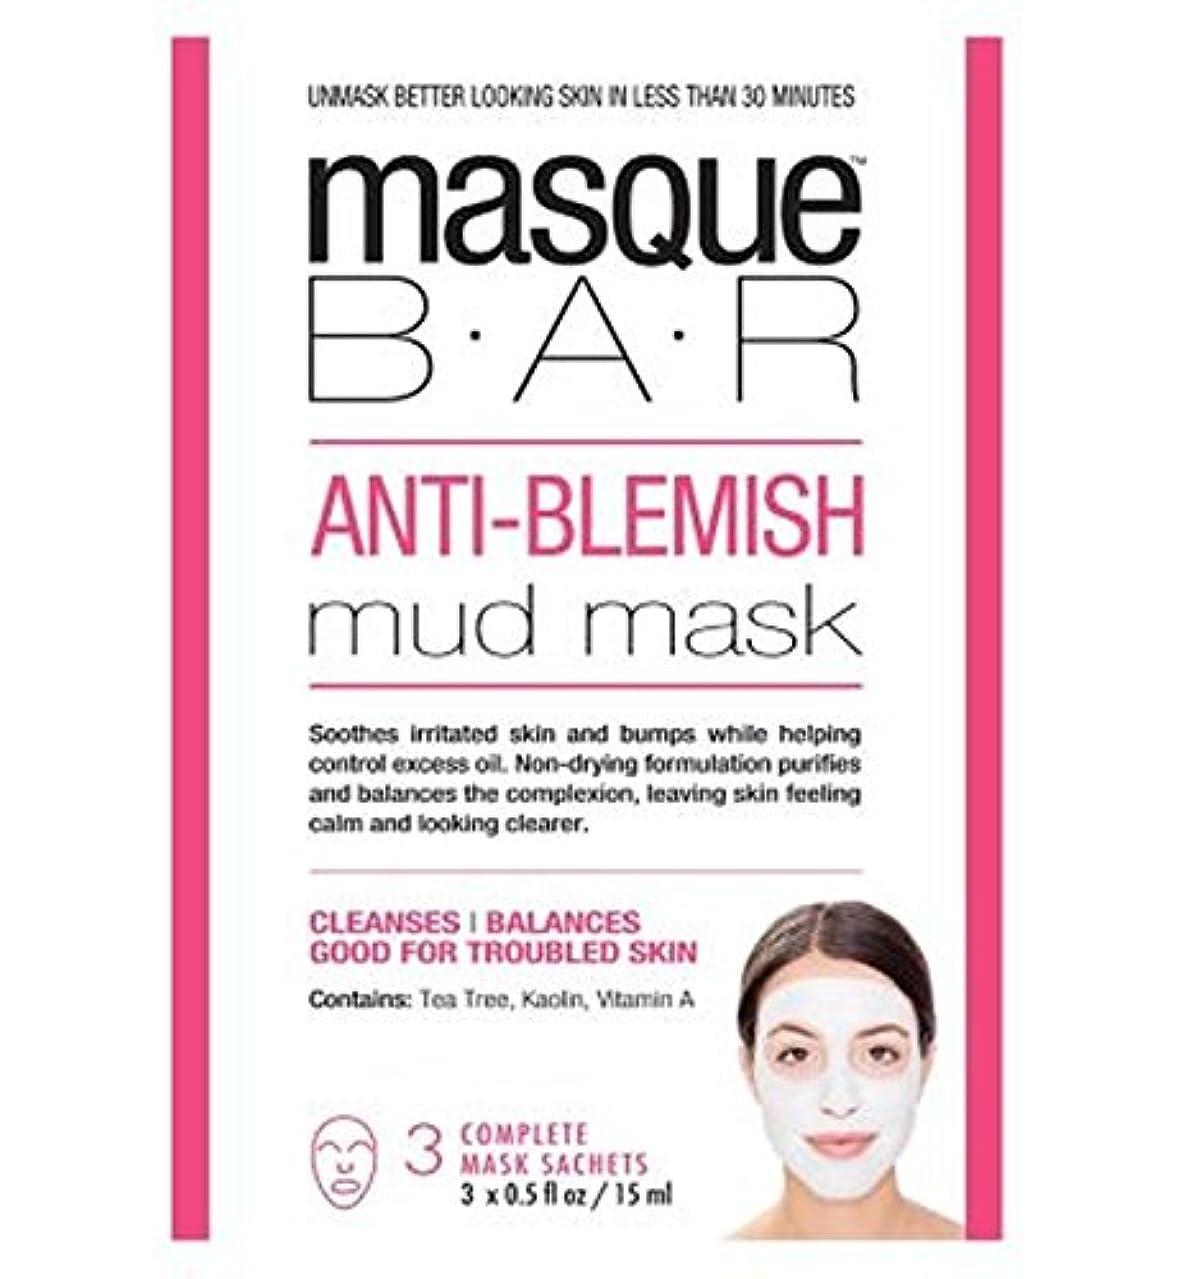 忙しいセクタ崇拝するMasque Bar Anti-Blemish Mud Mask - 3s - 仮面劇バー抗傷泥マスク - 3S (P6B Masque Bar Bt) [並行輸入品]